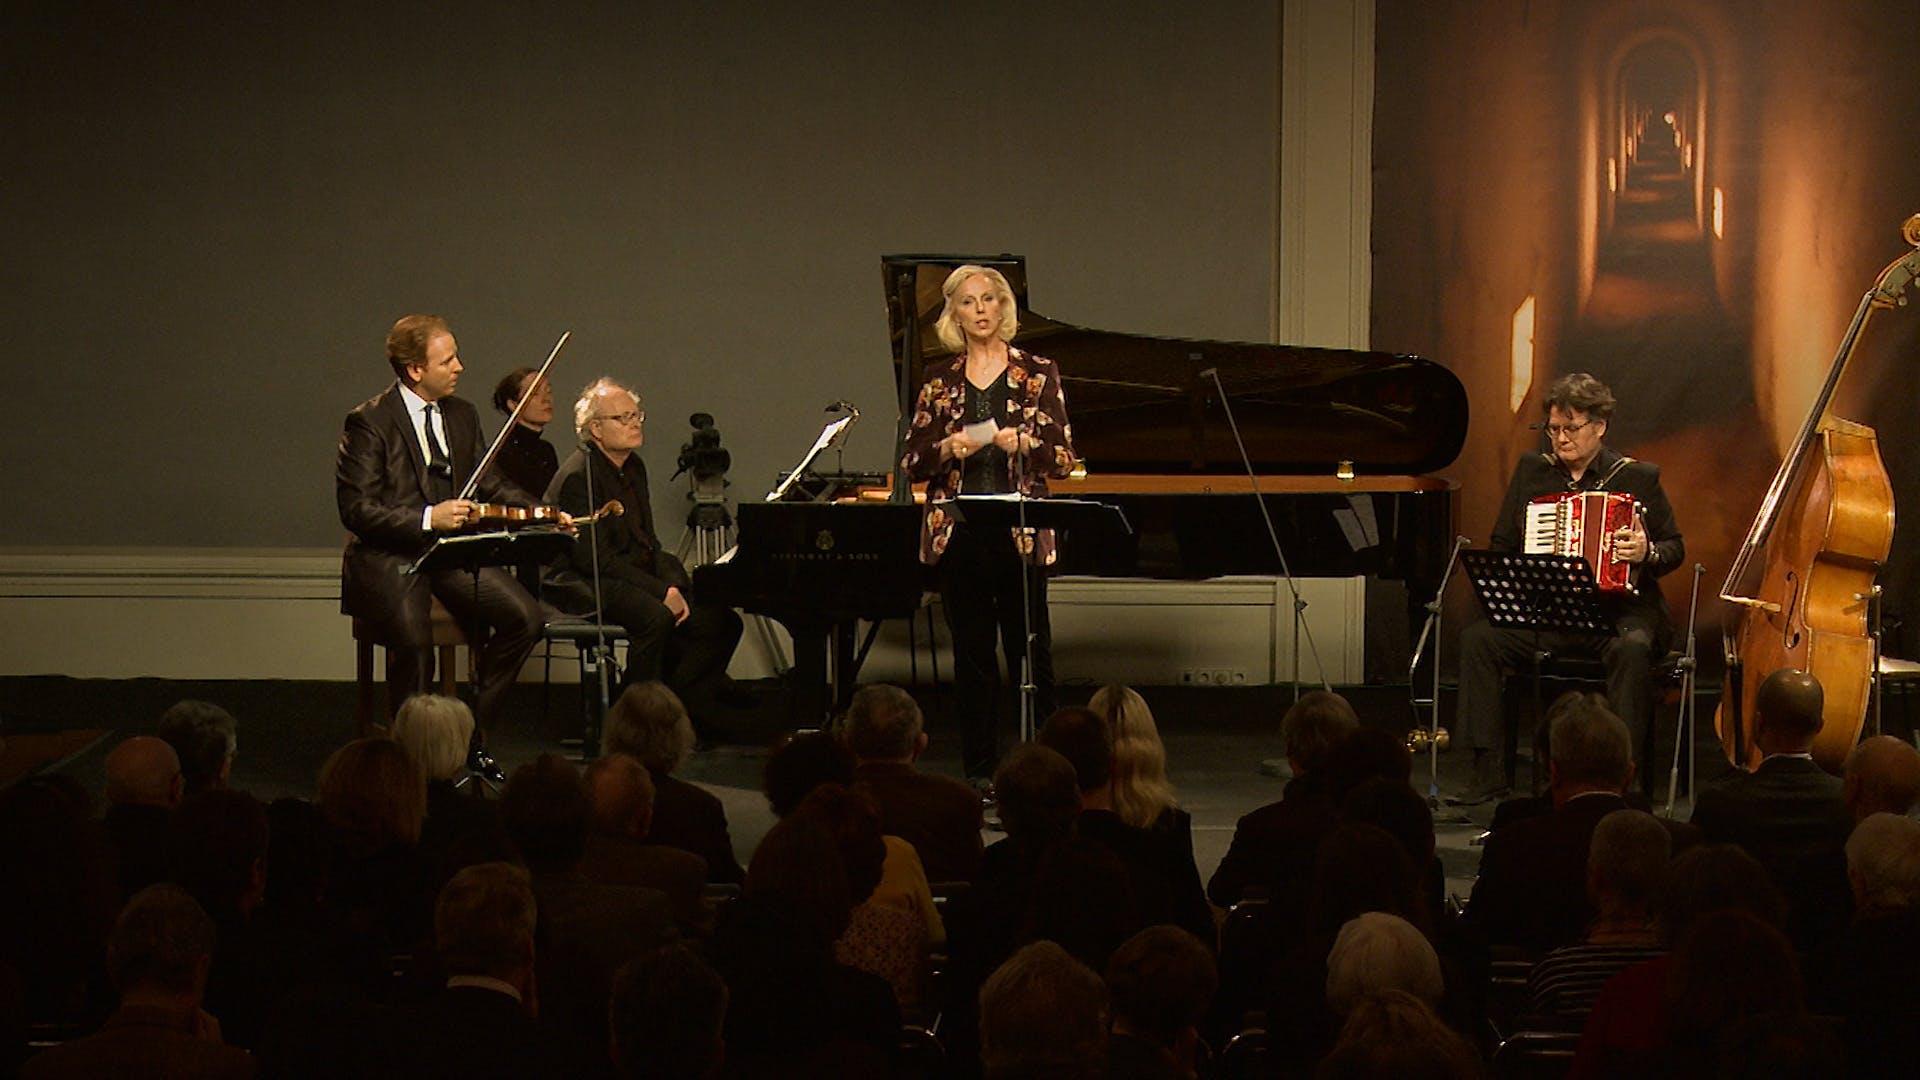 Refuge in Music (Musik als Zuflucht - Terezín/Theresienstadt)